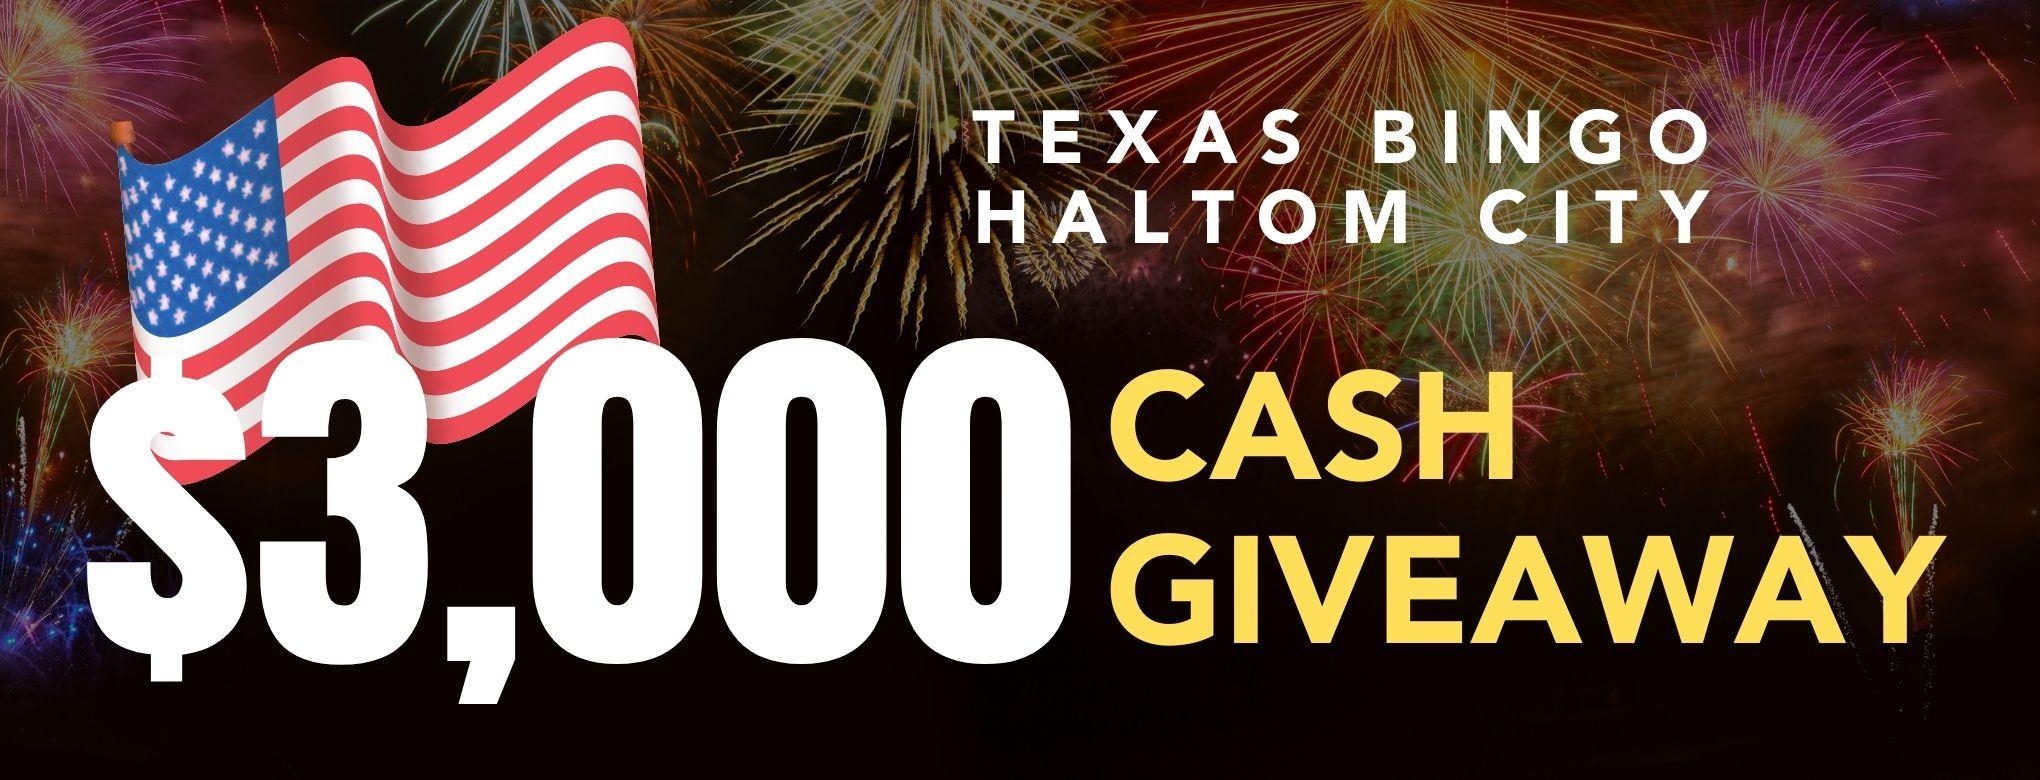 $3,000.00 July 3rd Haltom City Cash GiveAway